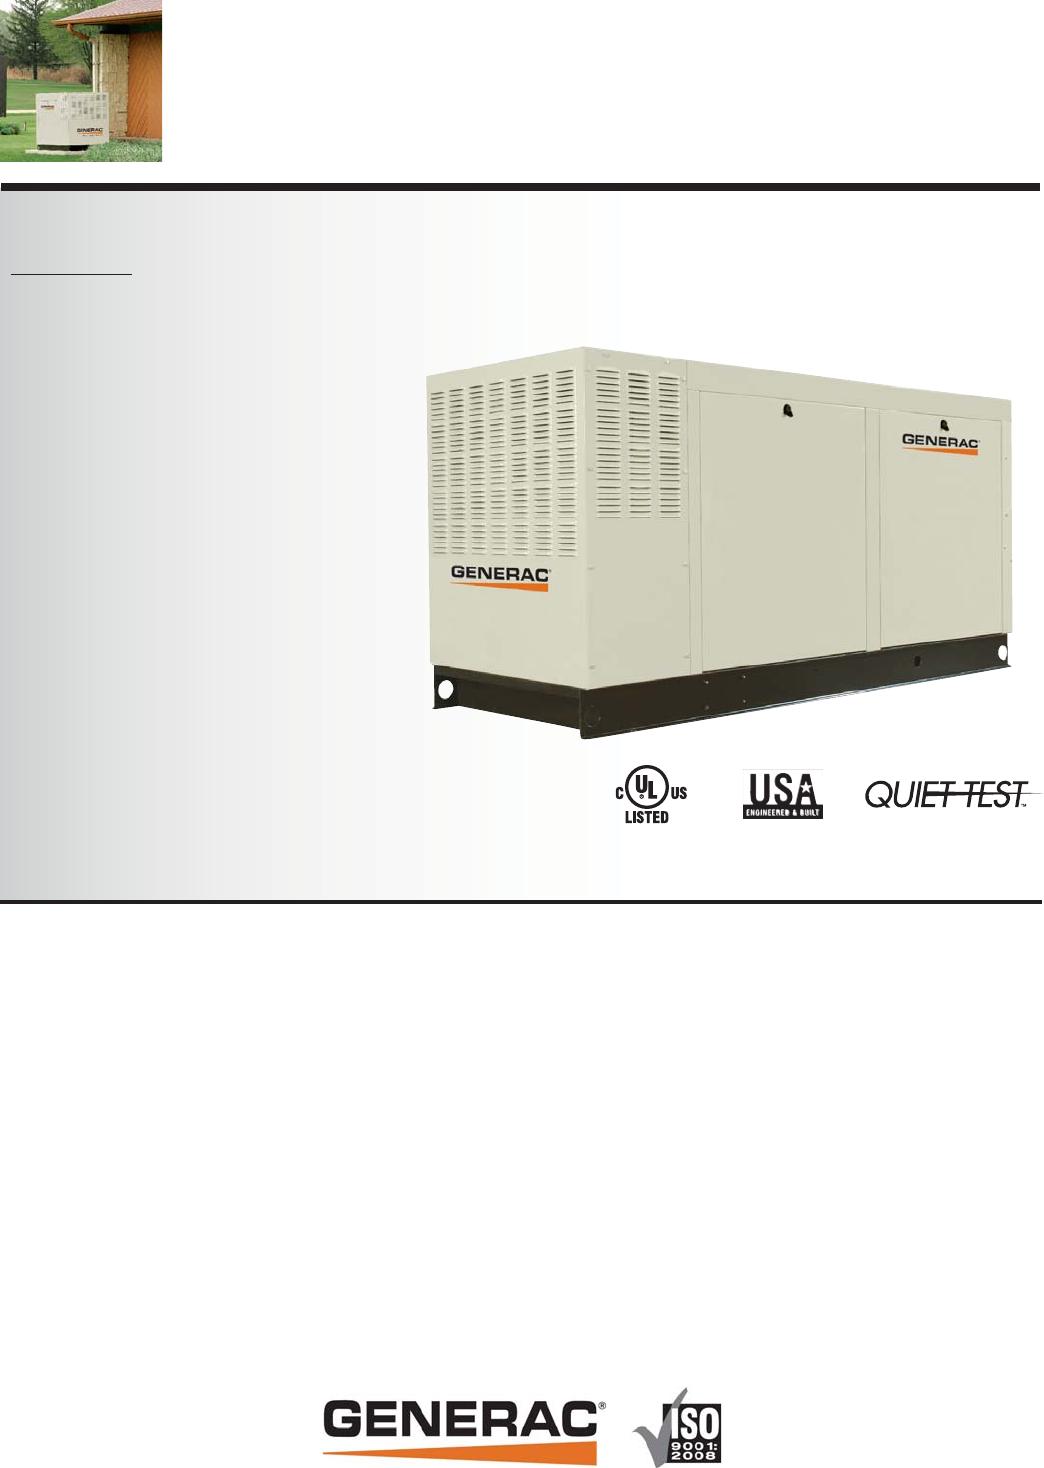 Generac Qt080 Users Manual 0188680SBY Rev F